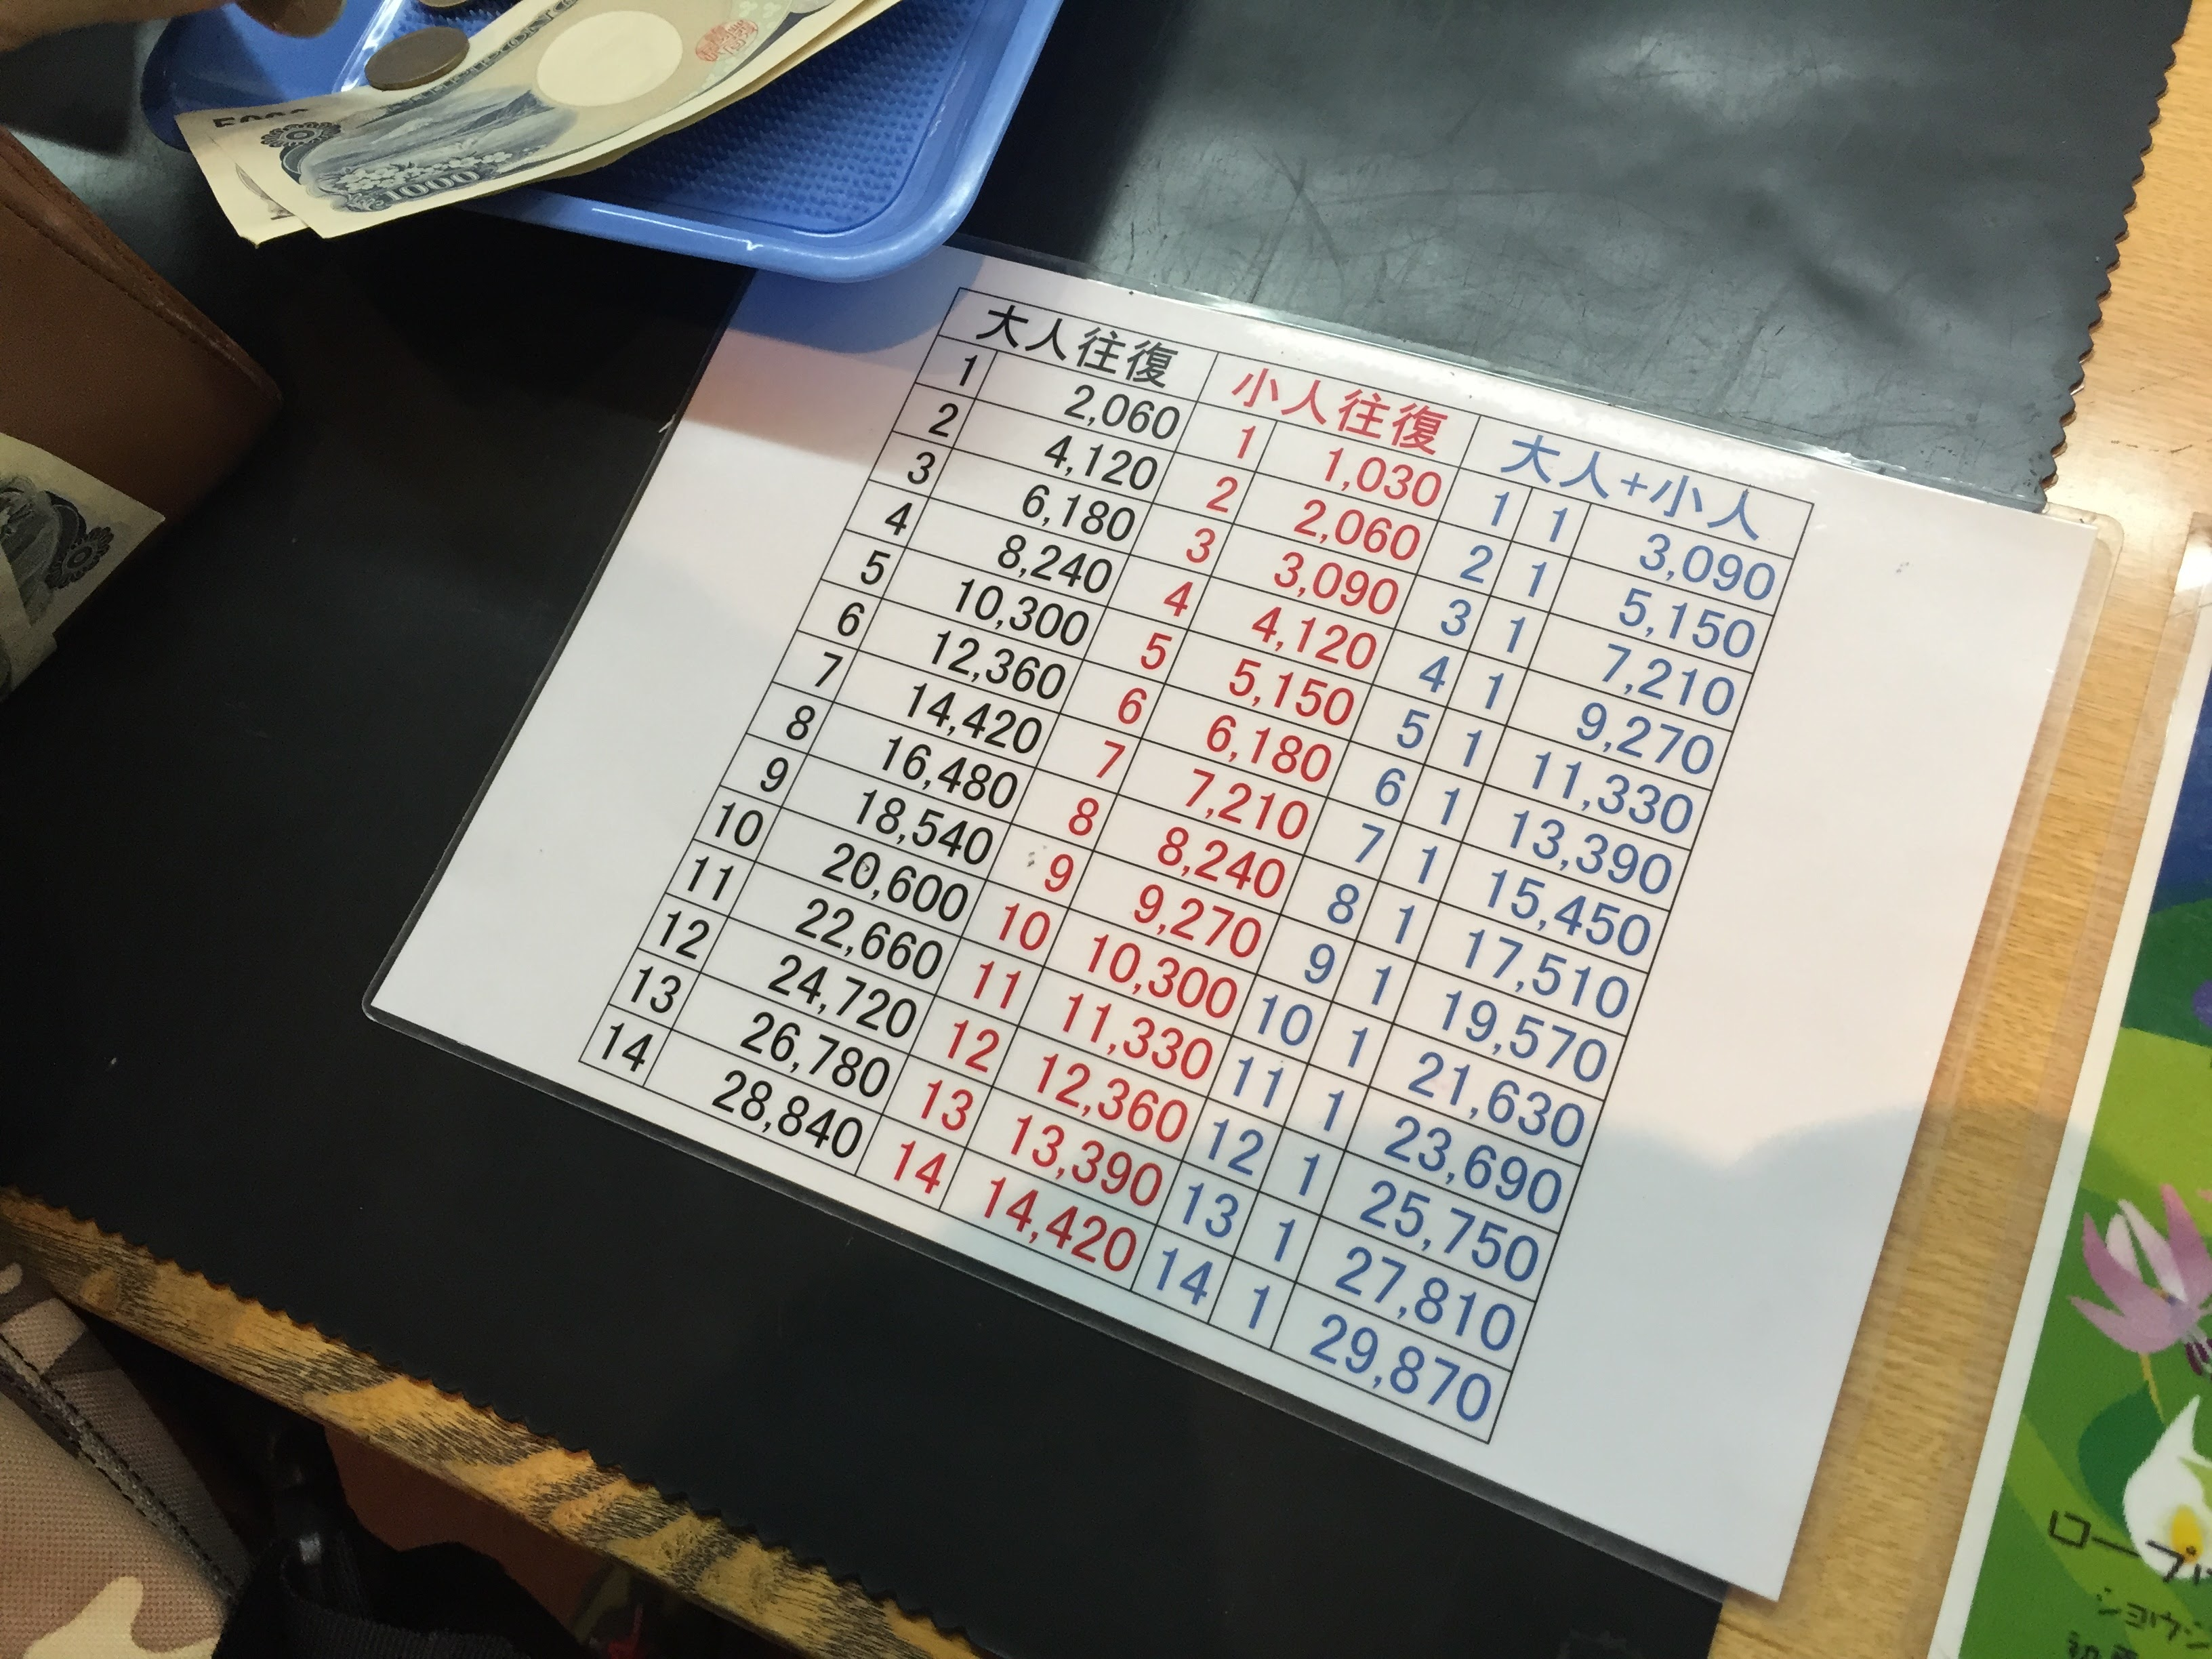 ロープウェイ料金表(2016年8月時点)